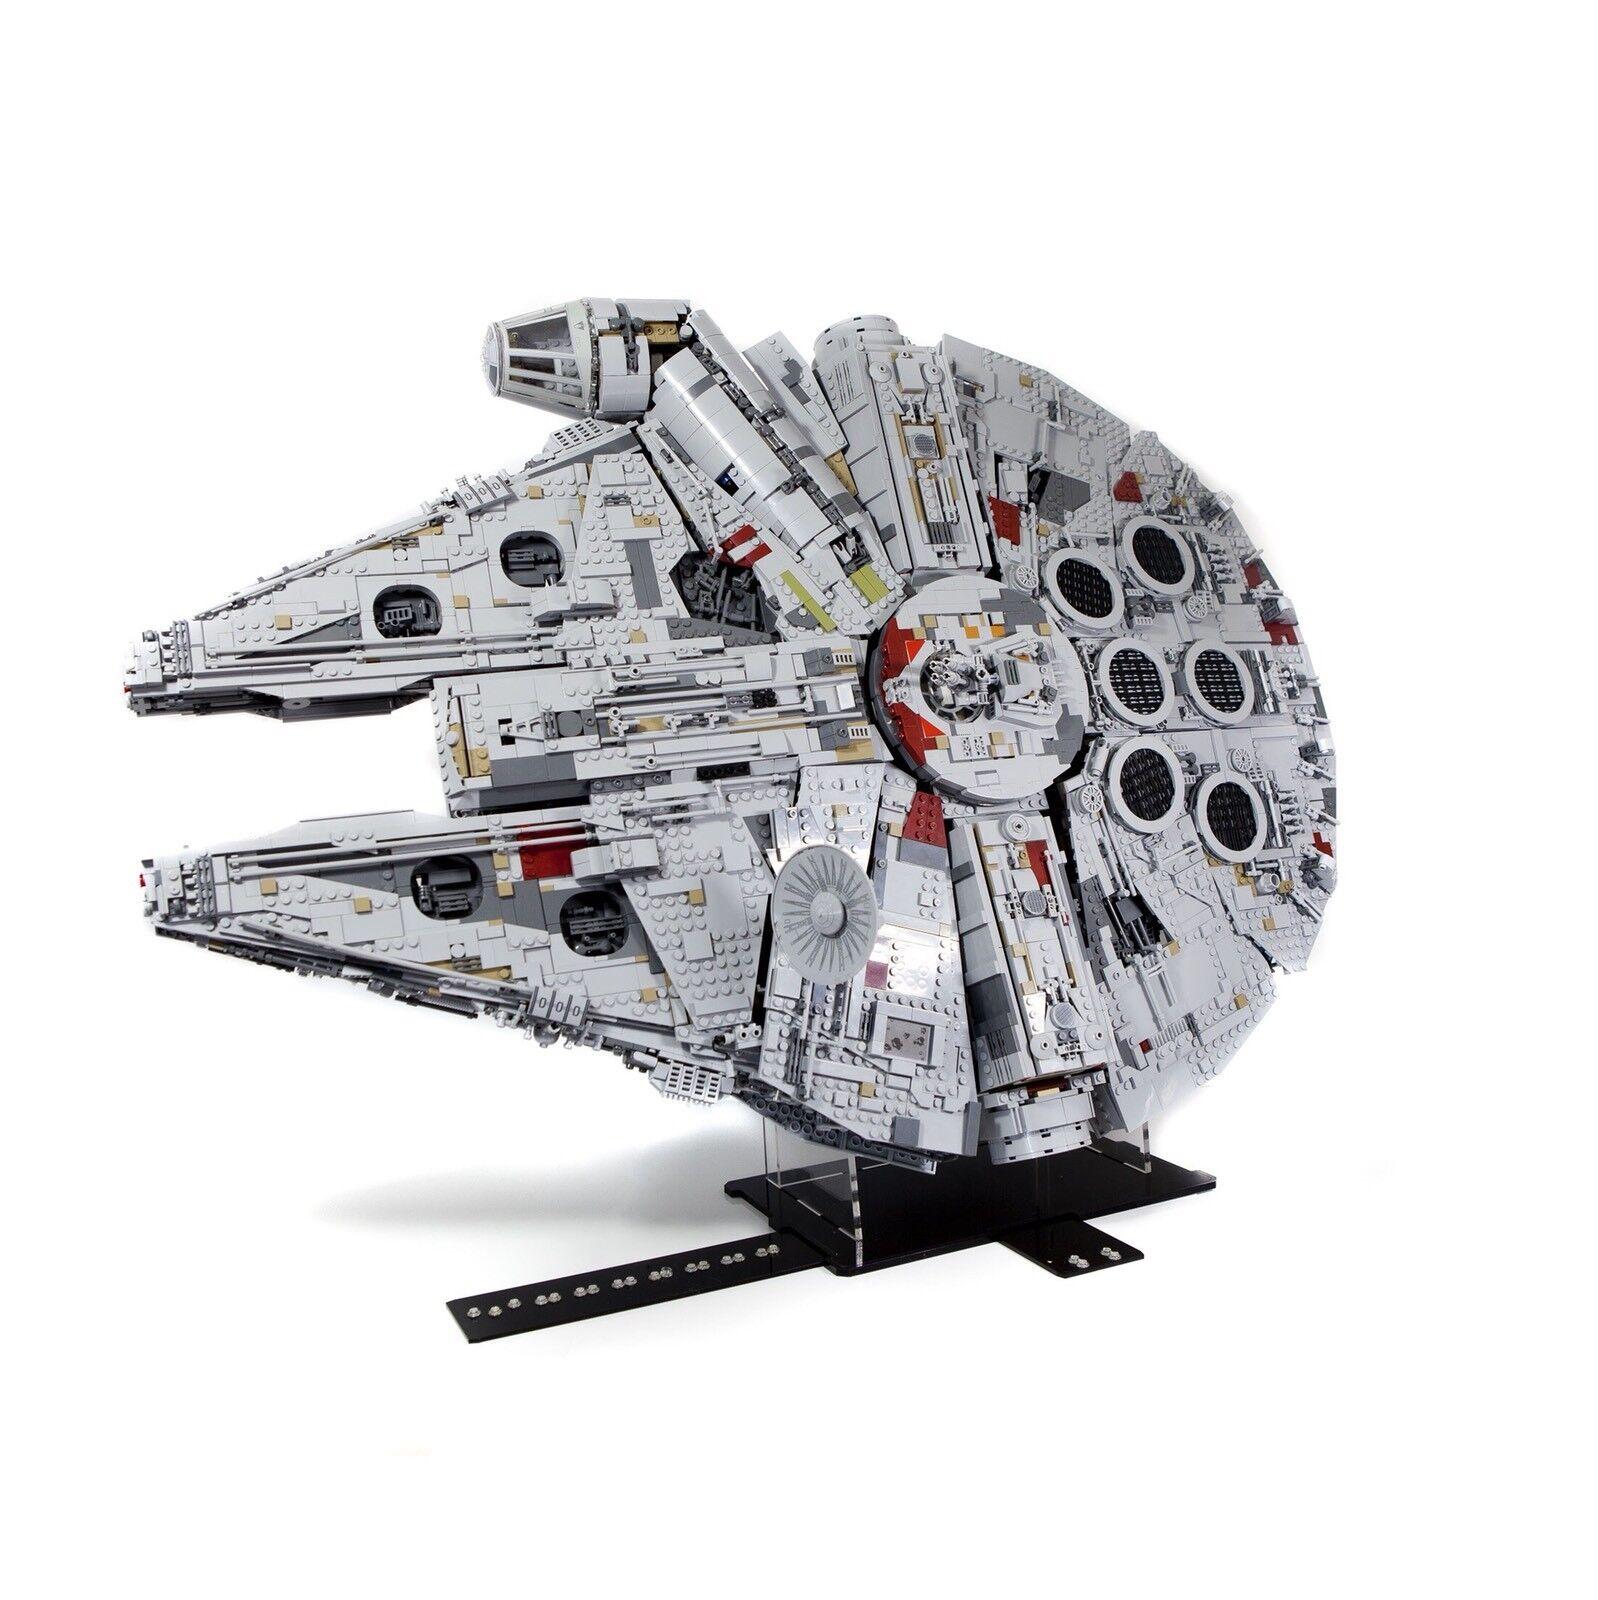 UCS Millennium Falcon Acrylique Présentoir Pour Lego modèle 75192